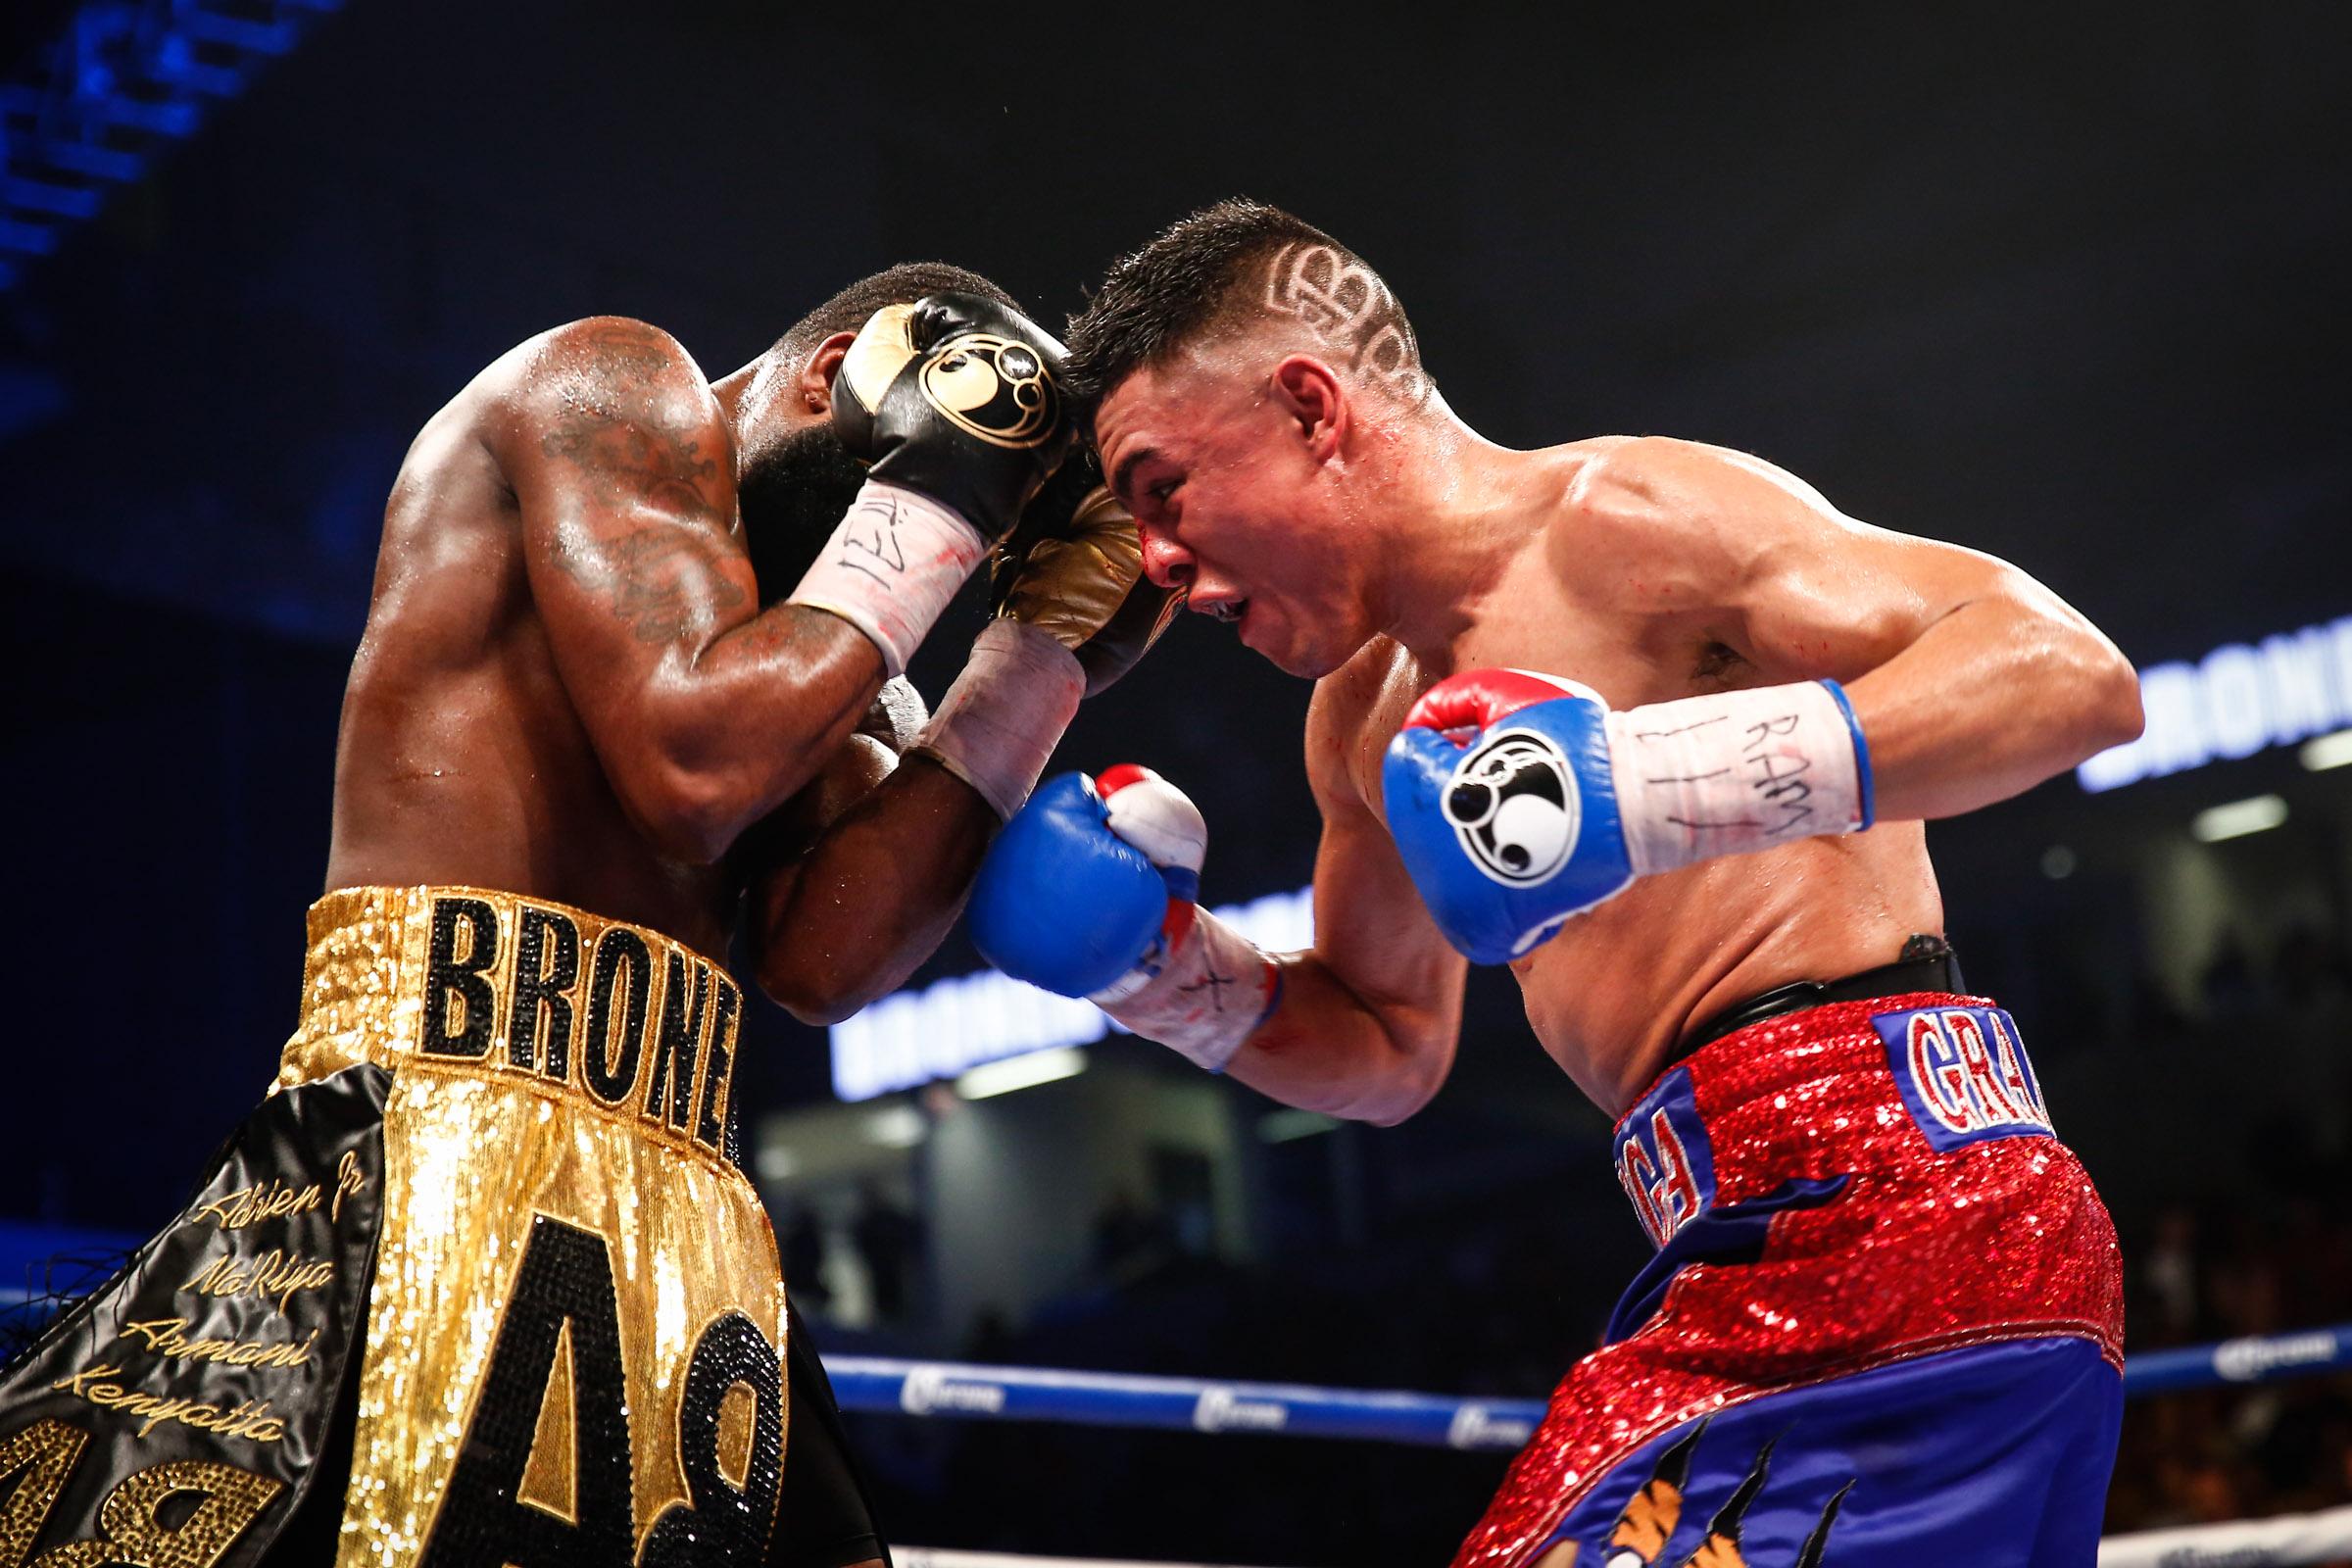 LR_SHO-FIGHT NIGHT-BRONER VS GRANADOS-02182017-9695.jpg